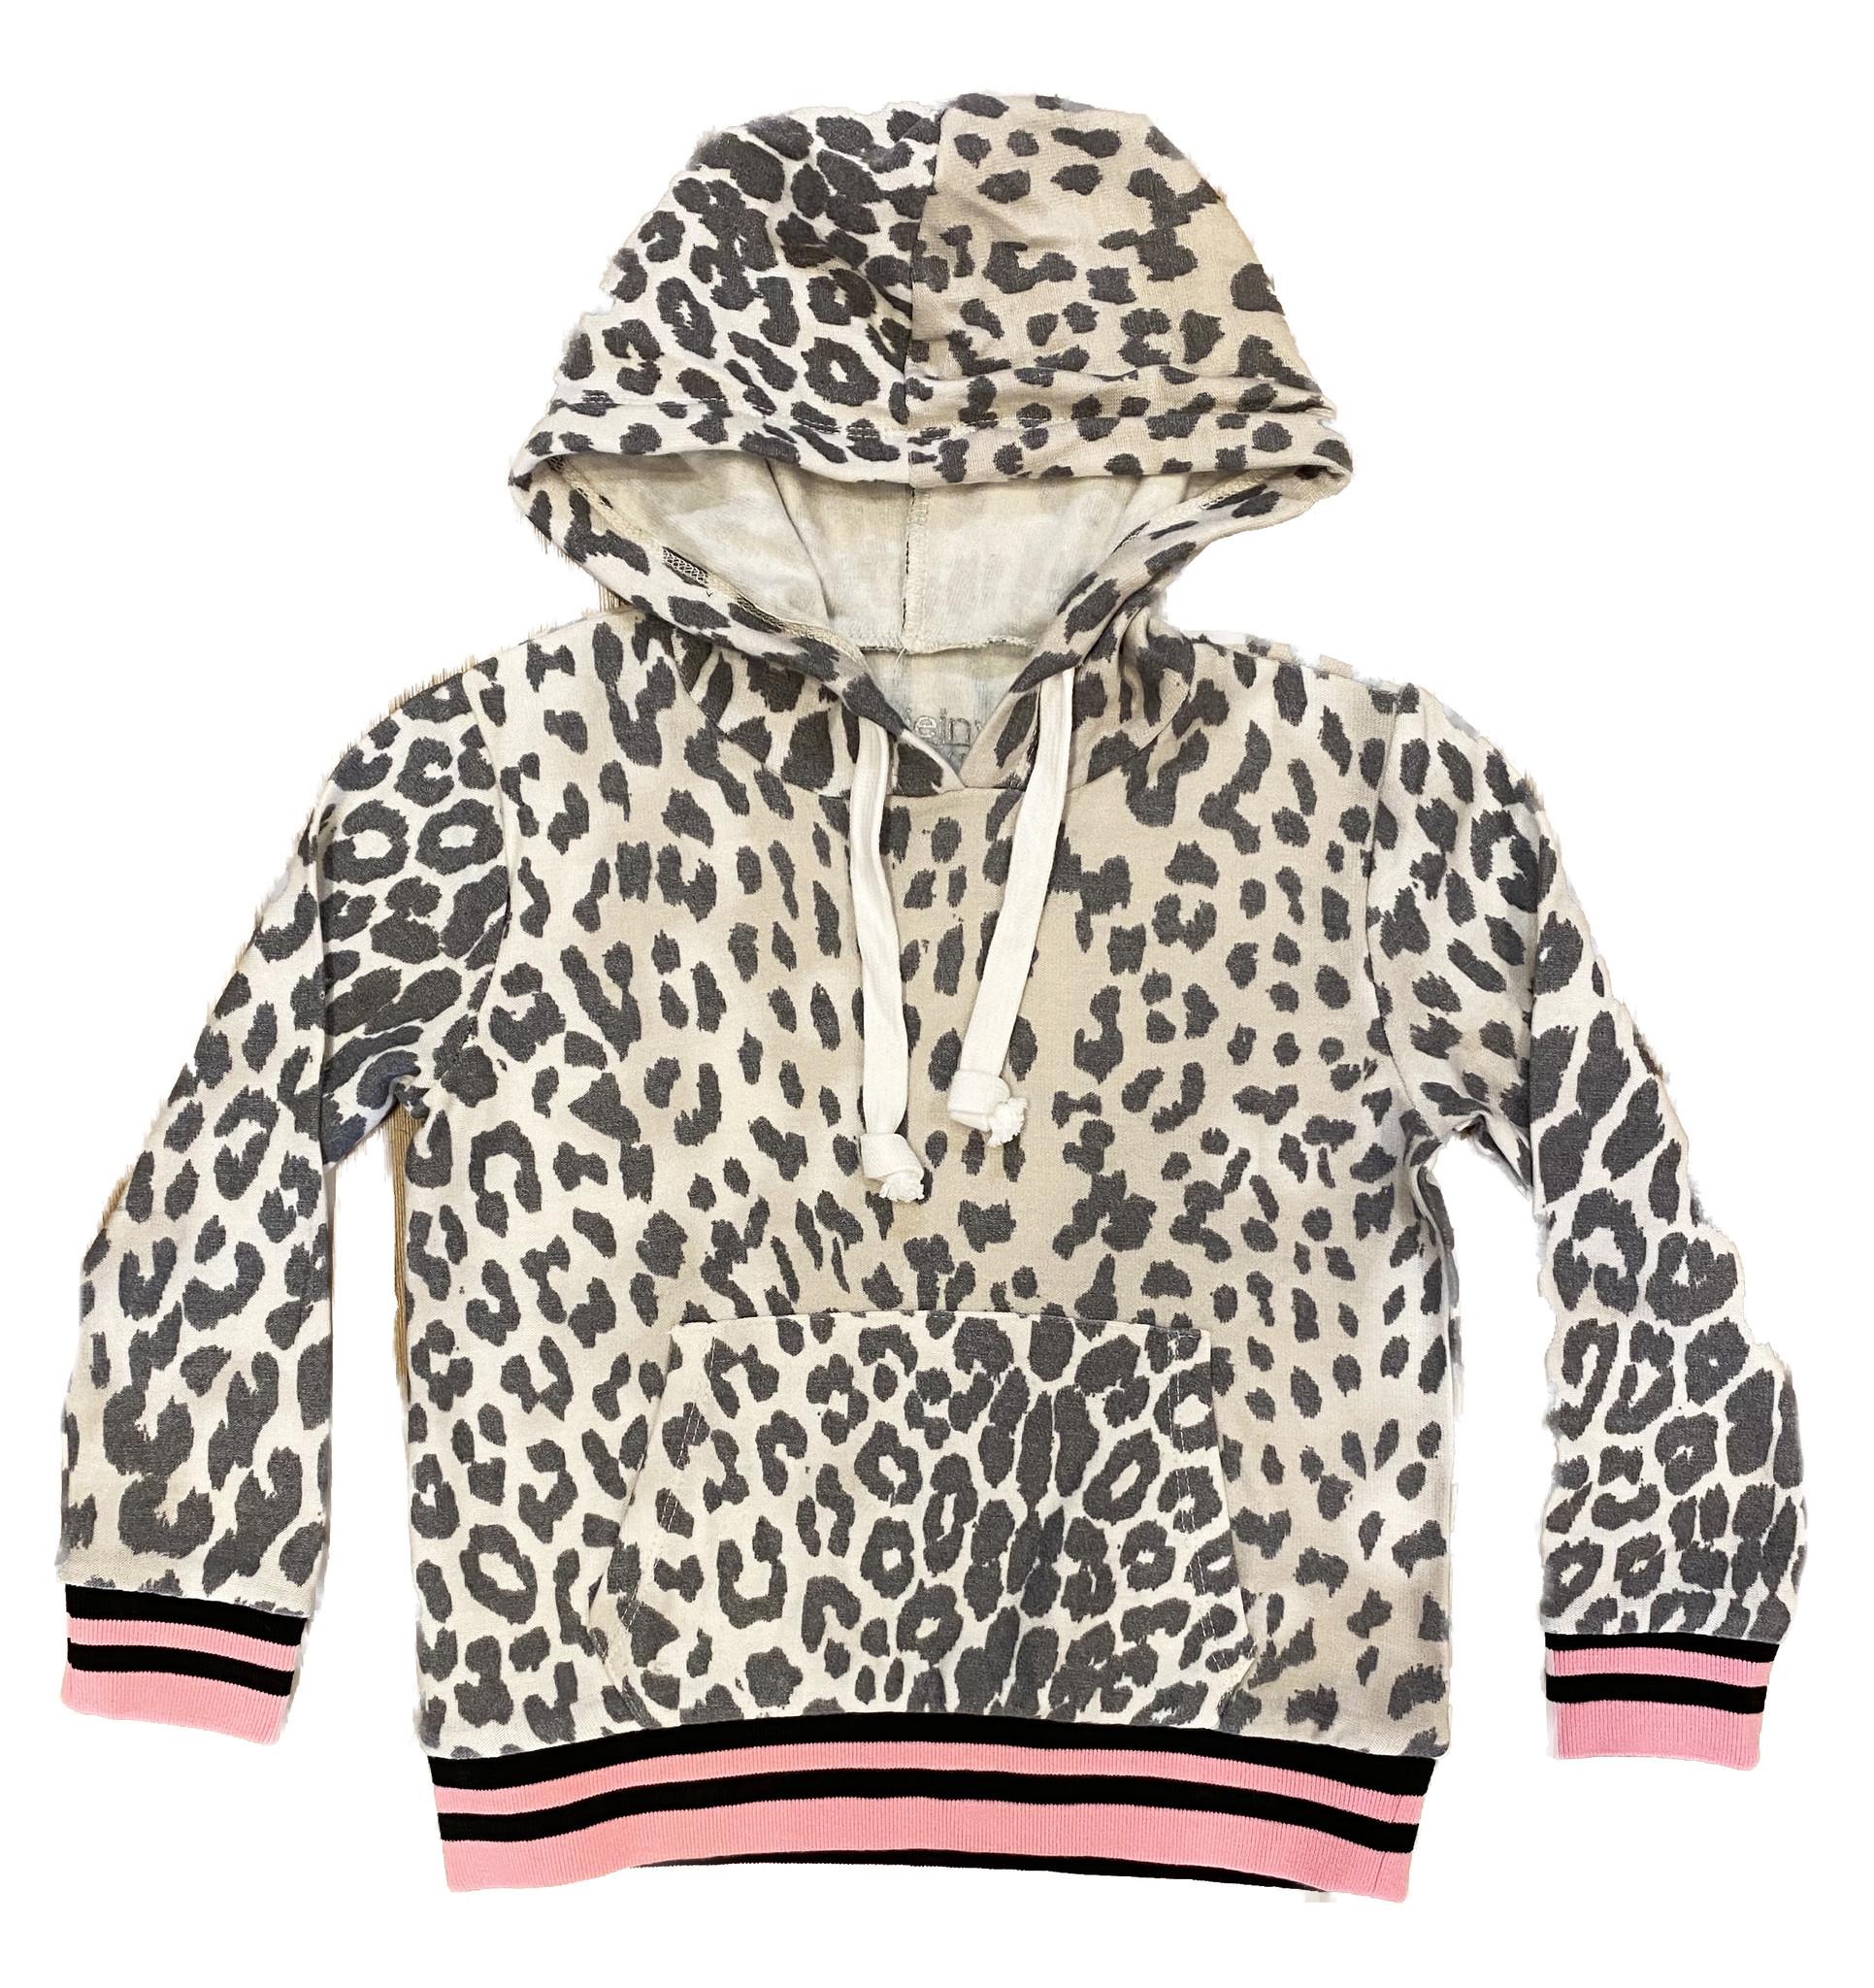 Katie J NYC Leopard Print Hoodie